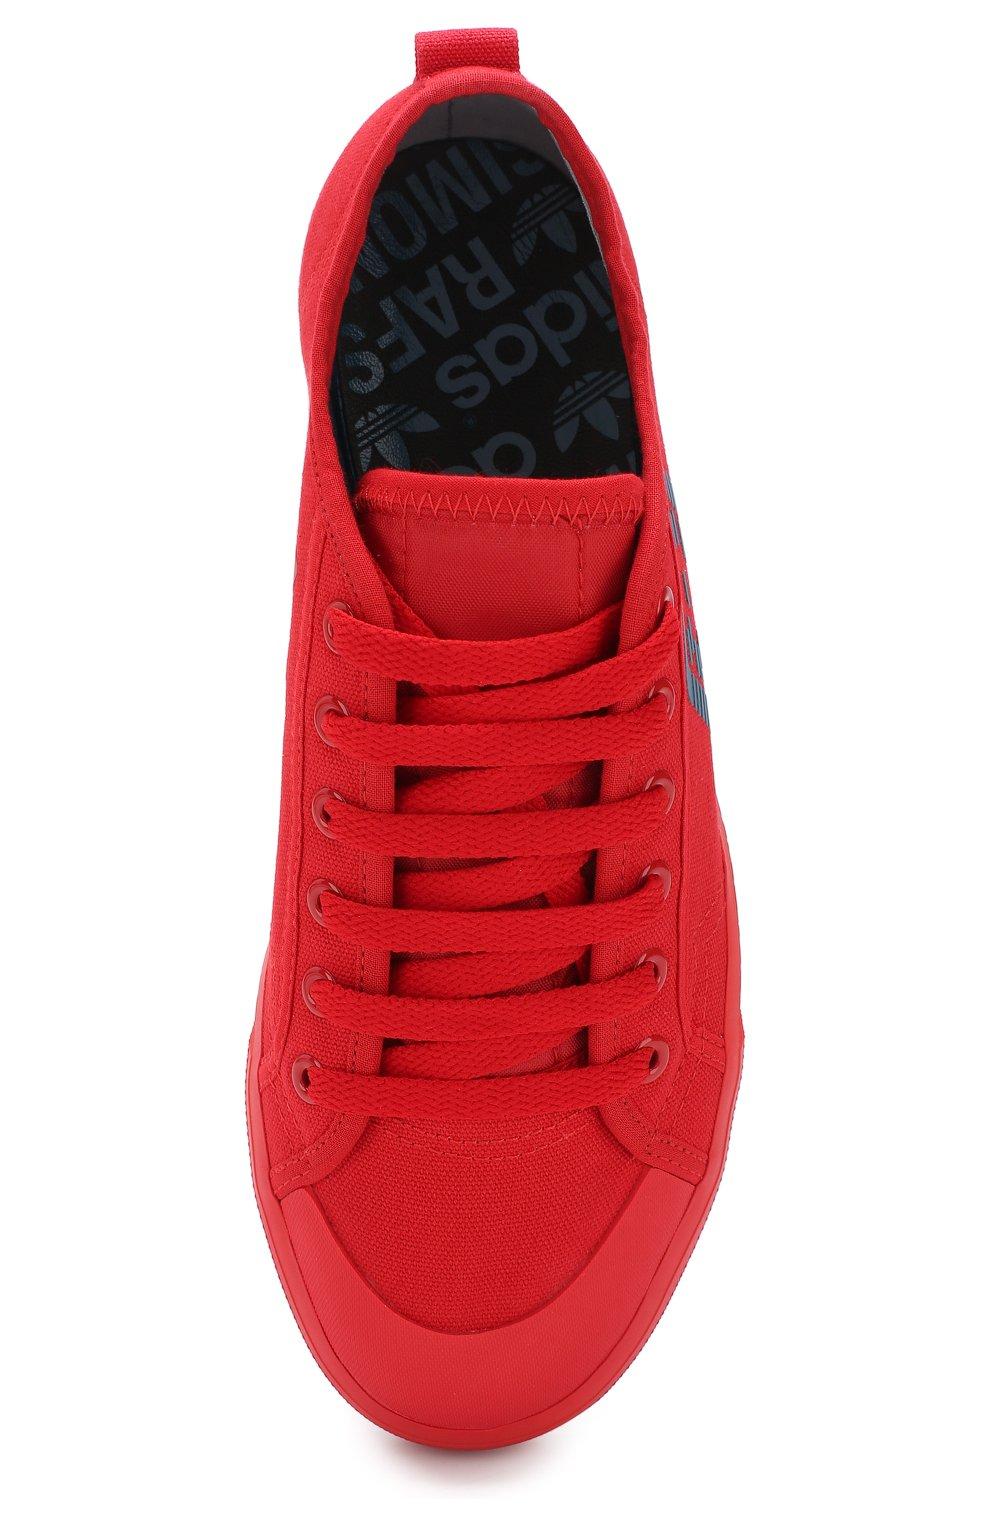 Женская обувь Vanessa Tugendhaft купить в интернет-магазине ЦУМ - товар  распродан 52eaf034f78